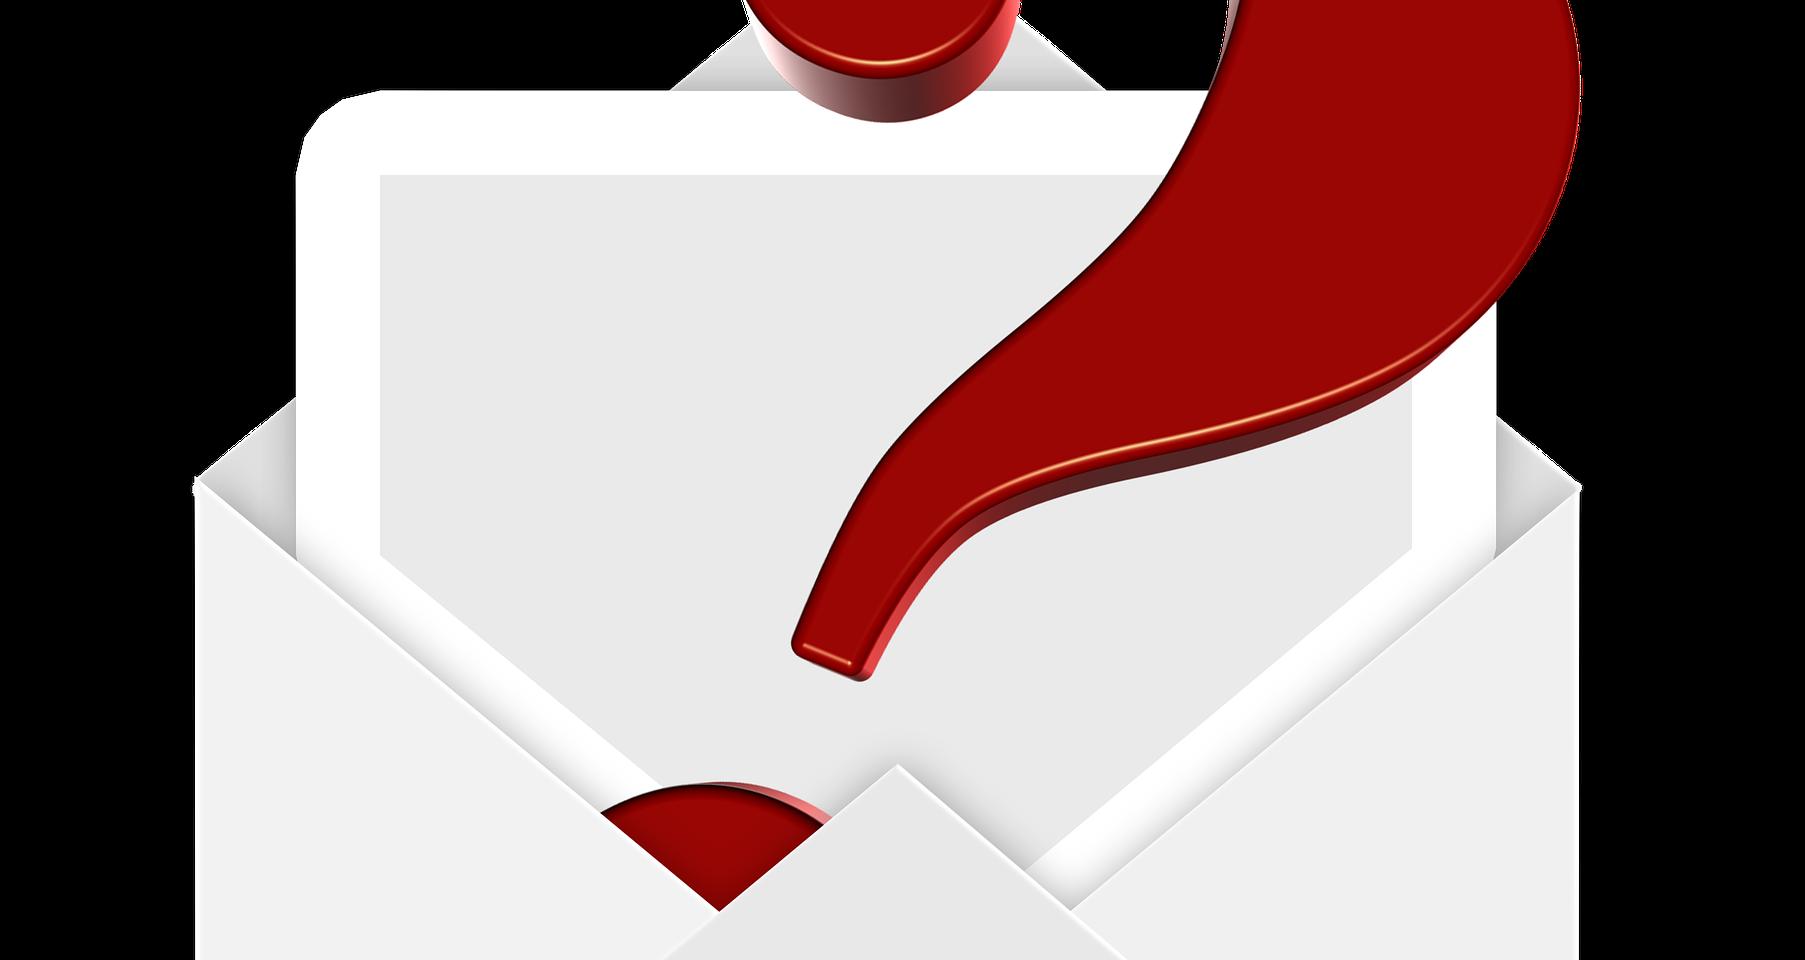 envelope-3413142_1920.png